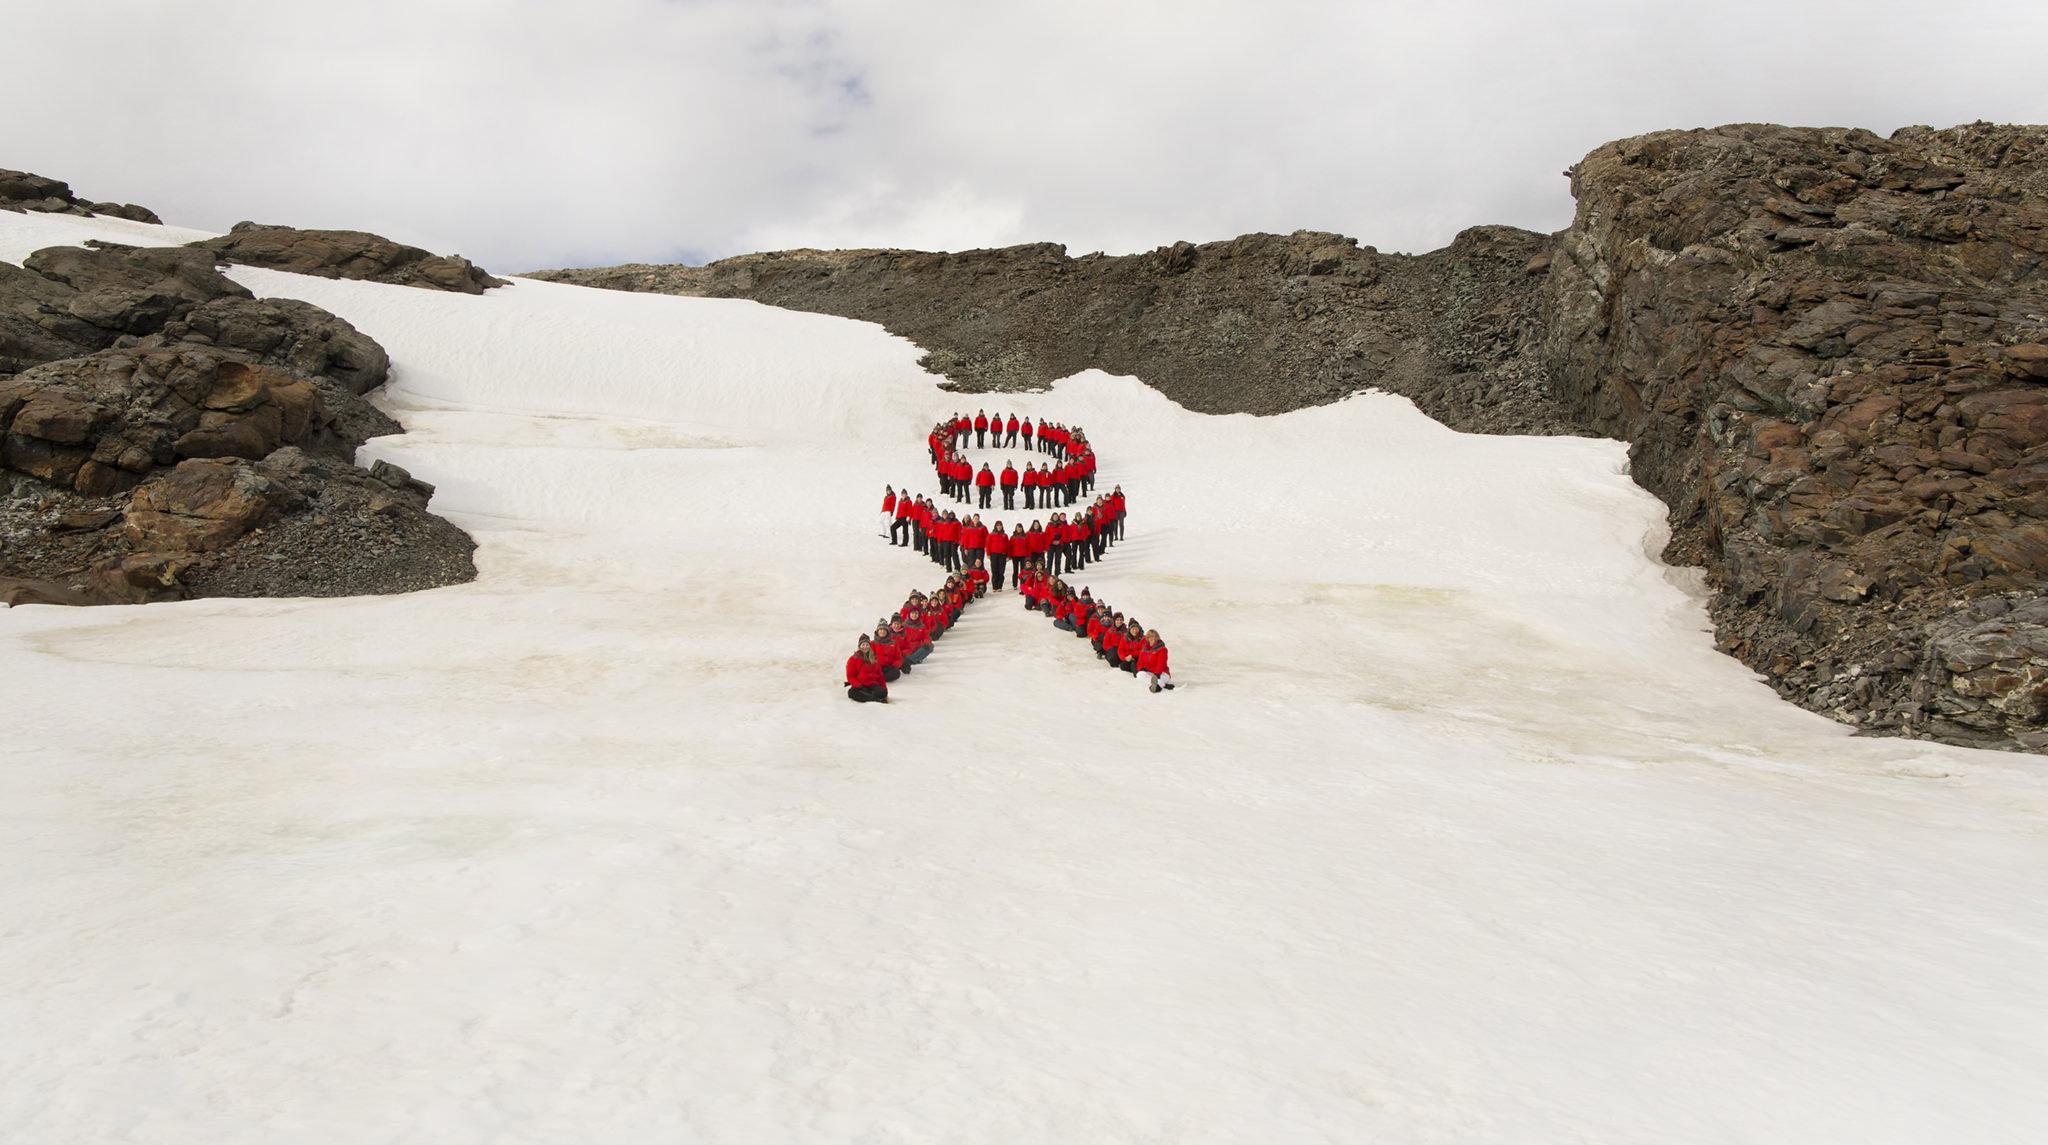 Homeward_bound_Antarctica_international_womens_day.jpg